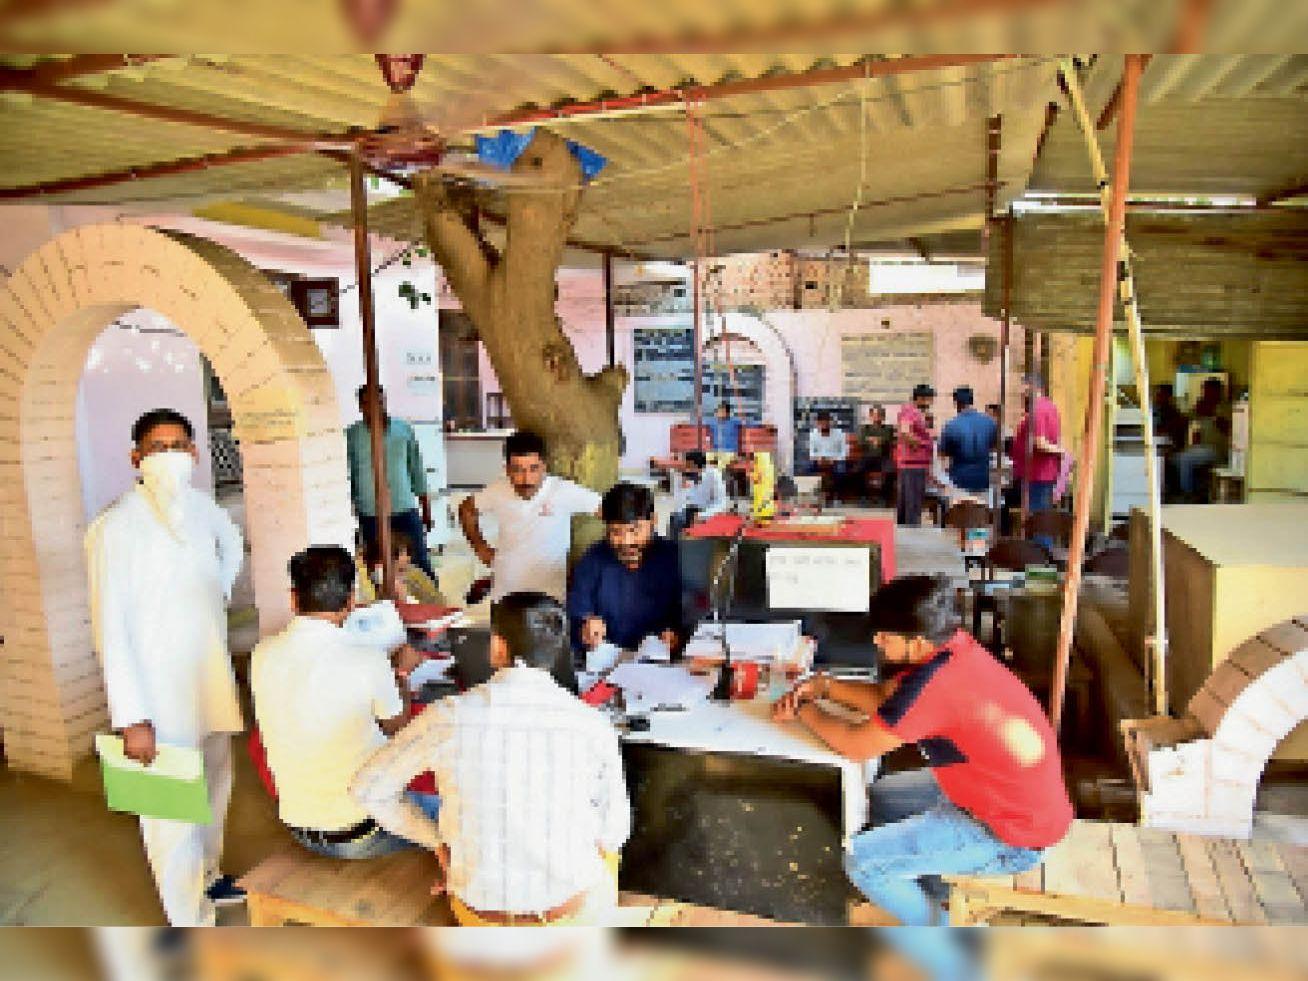 नवरात्र के पांच दिन में पंजीयन कार्यालय में हुए 110 साैदे, सवा दो कराेड़ का राजस्व मिला|अलवर,Alwar - Dainik Bhaskar